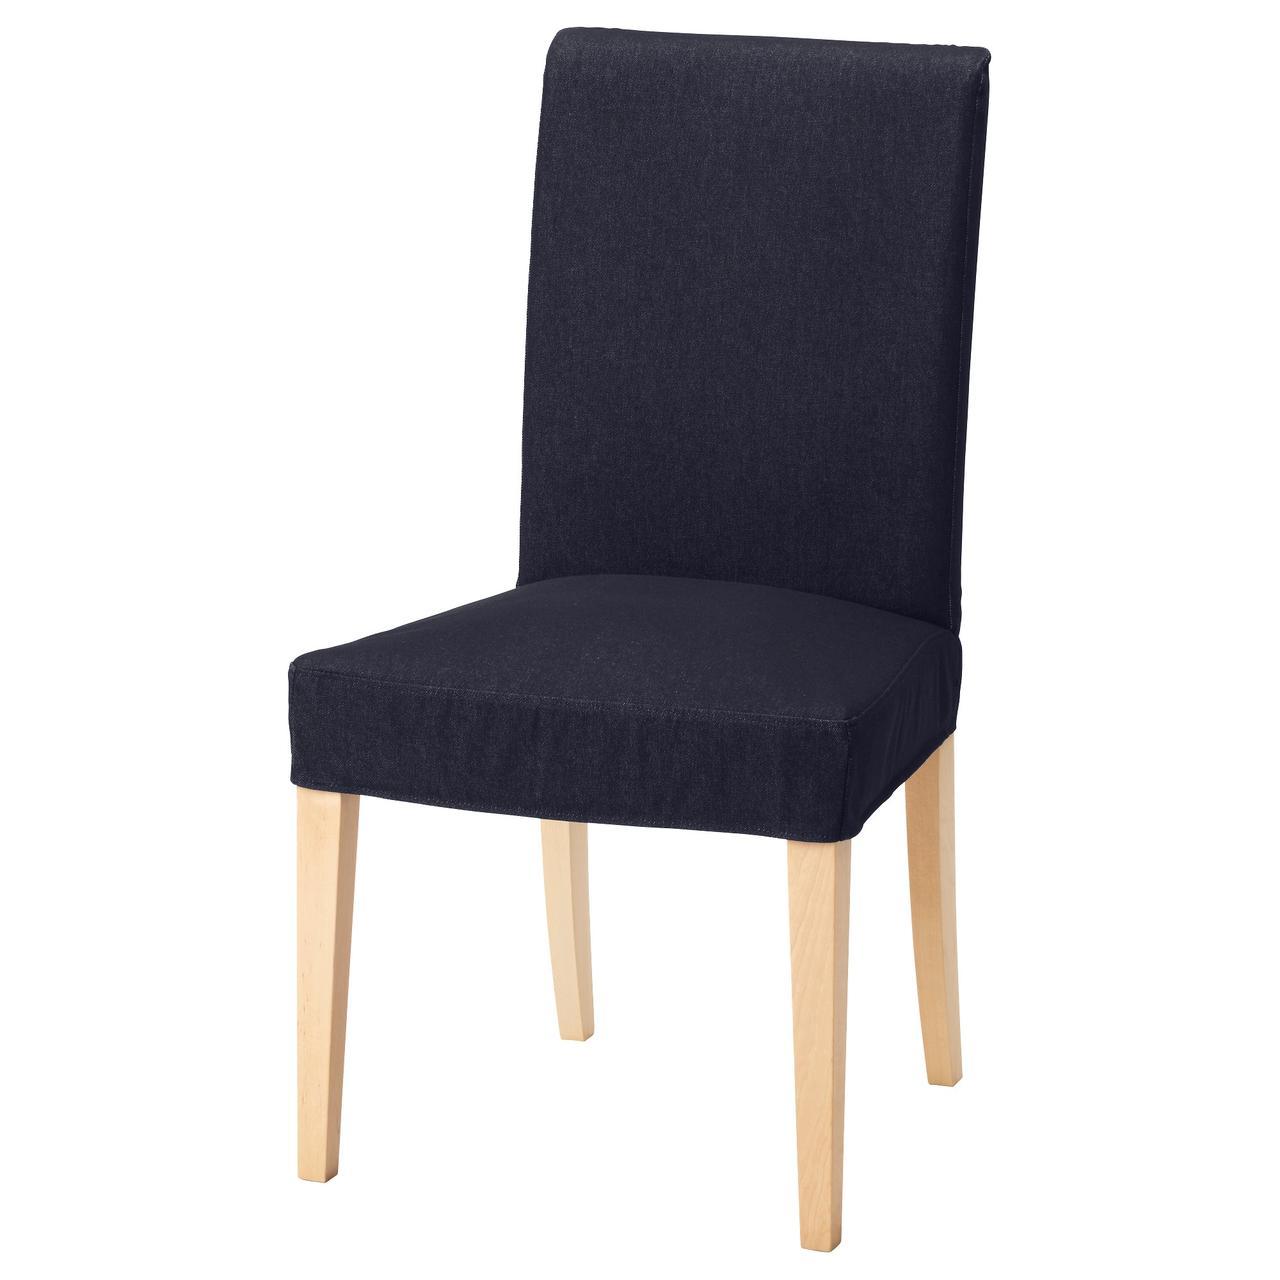 Кресло кухонное IKEA HENRIKSDAL Vansta береза темно-синее 992.463.19